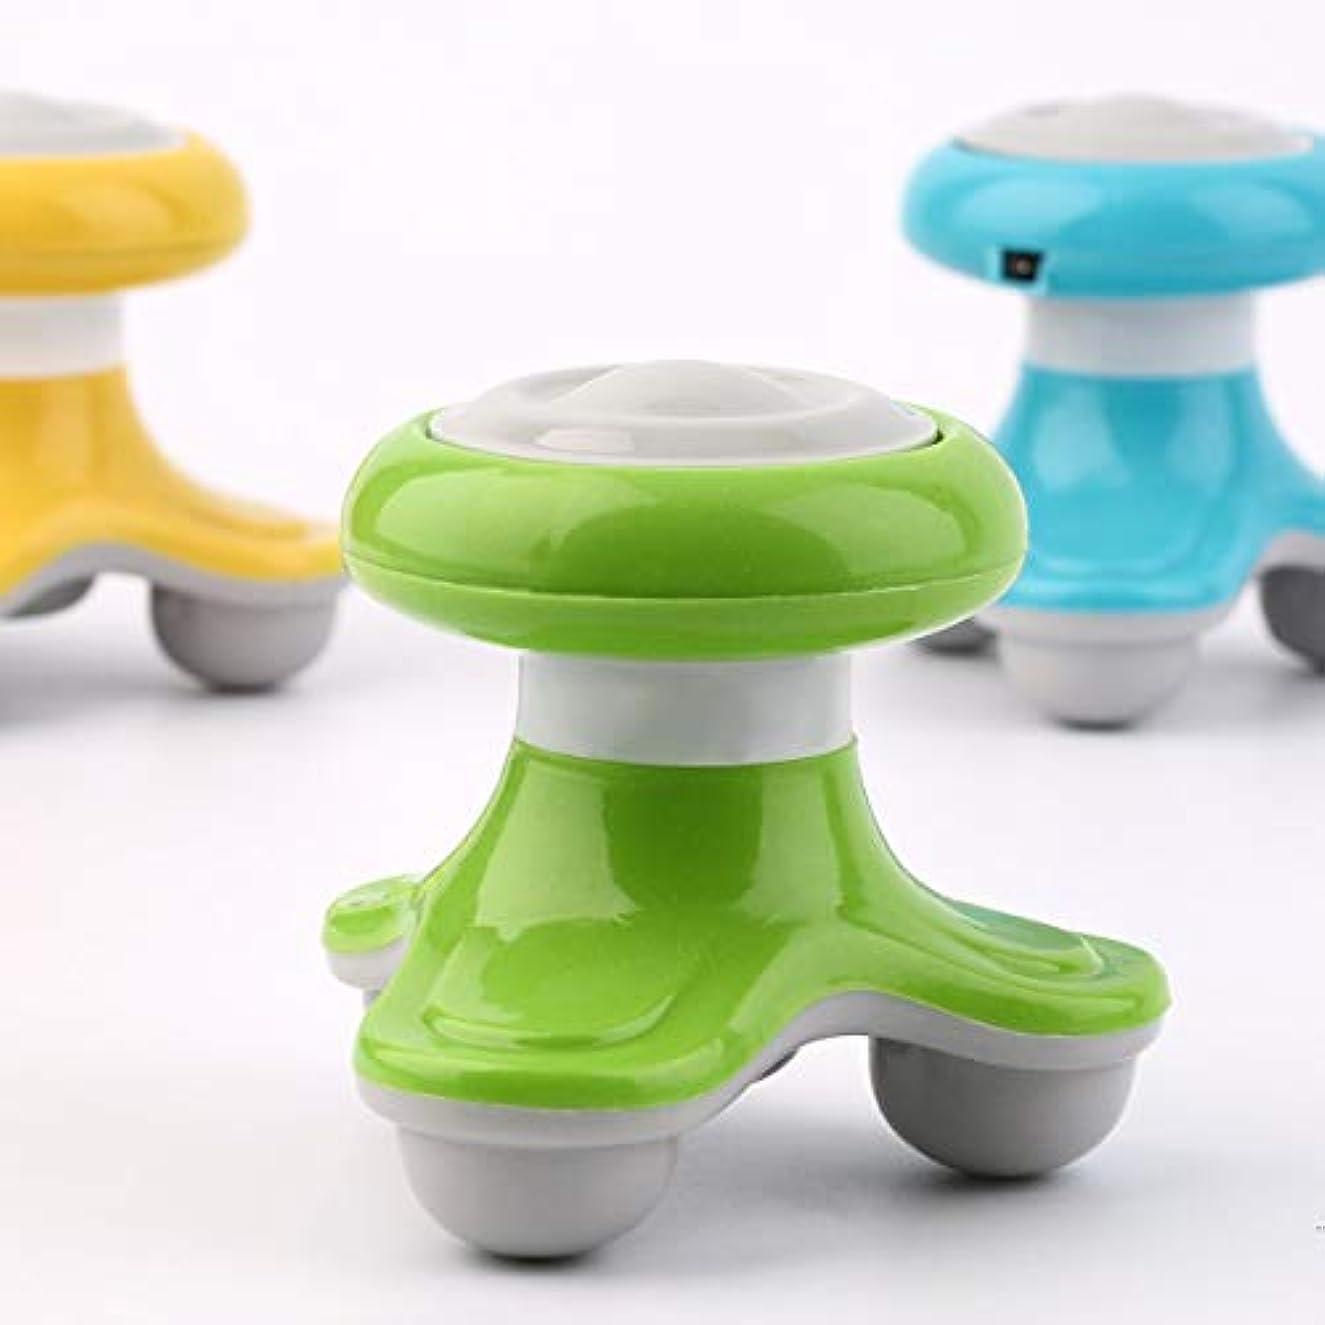 ピボット必要性草ミニ電気処理波動マッサージ器USBバッテリーボディマッサージ超コンパクトライトポータブルで便利